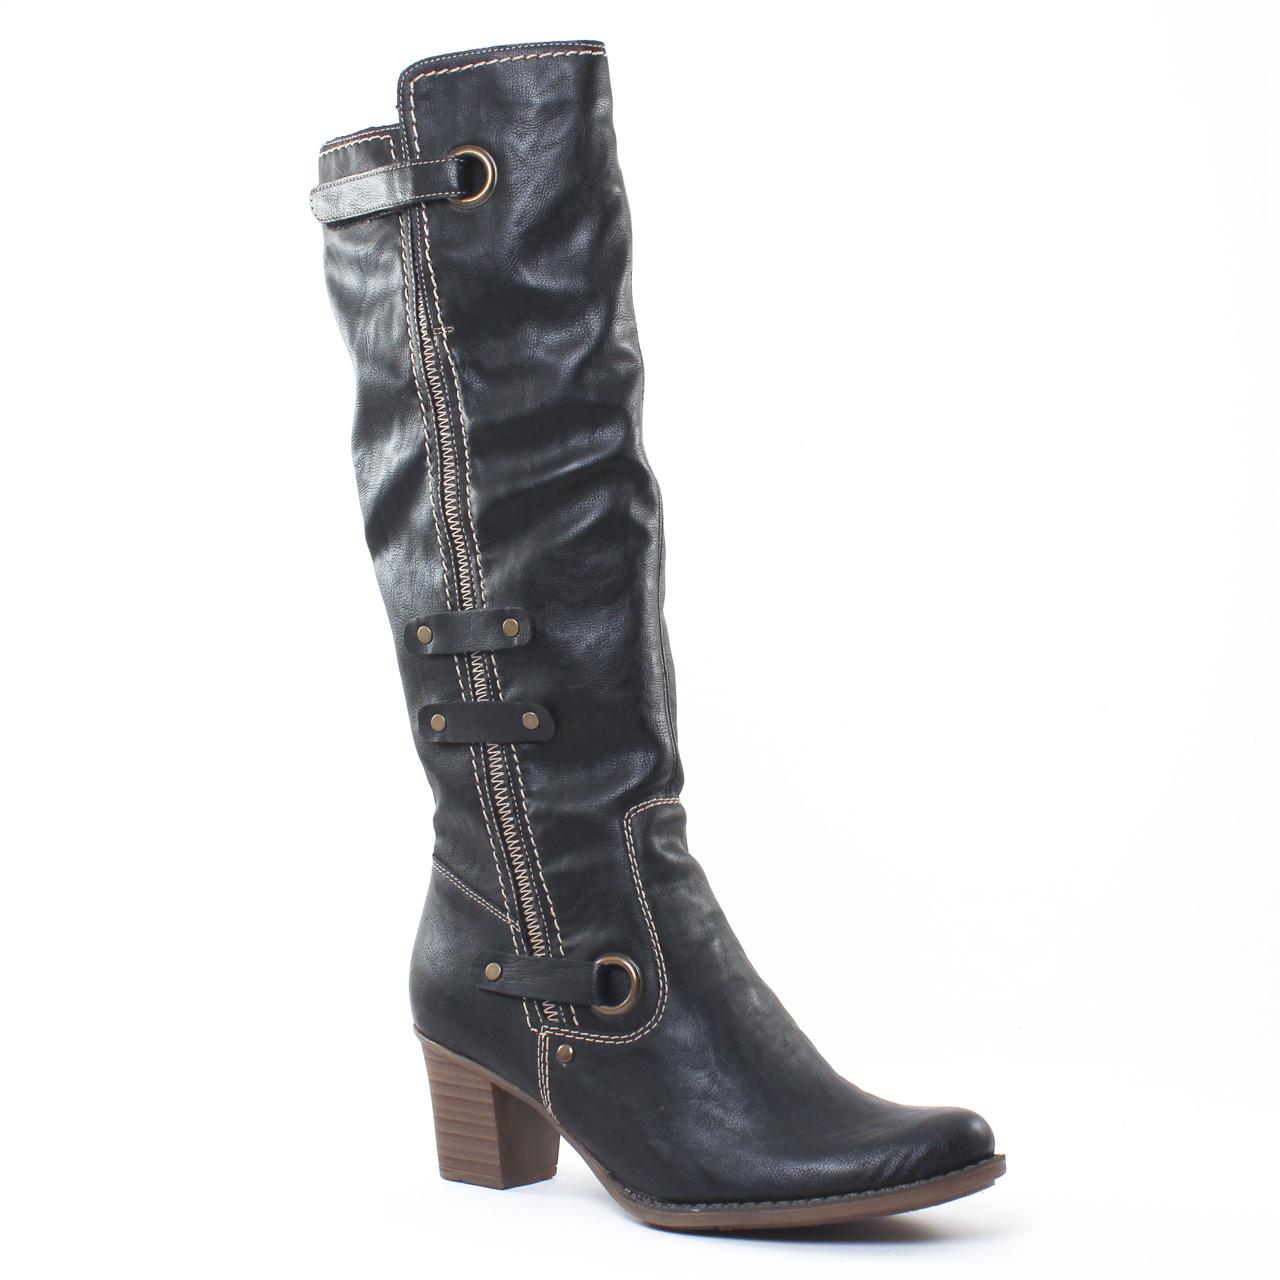 Chaussures femme hiver 2016 , bottes rieker noir